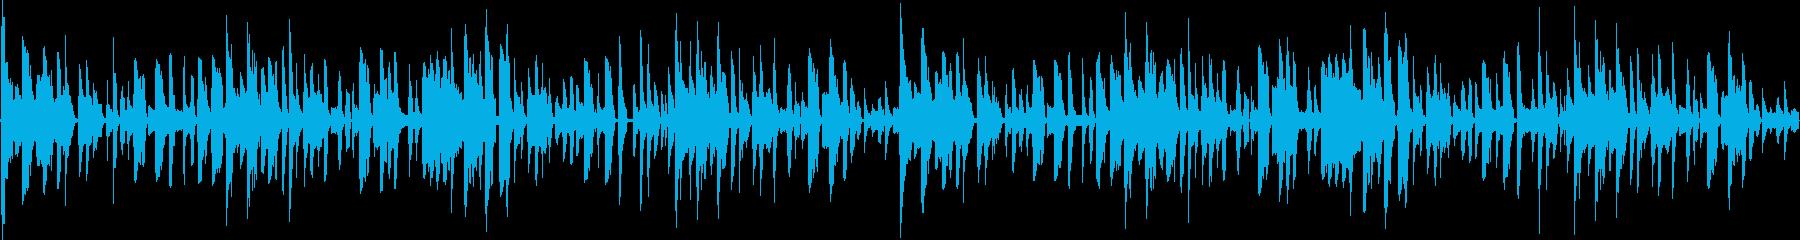 114bpm、キレのある16ビートの再生済みの波形